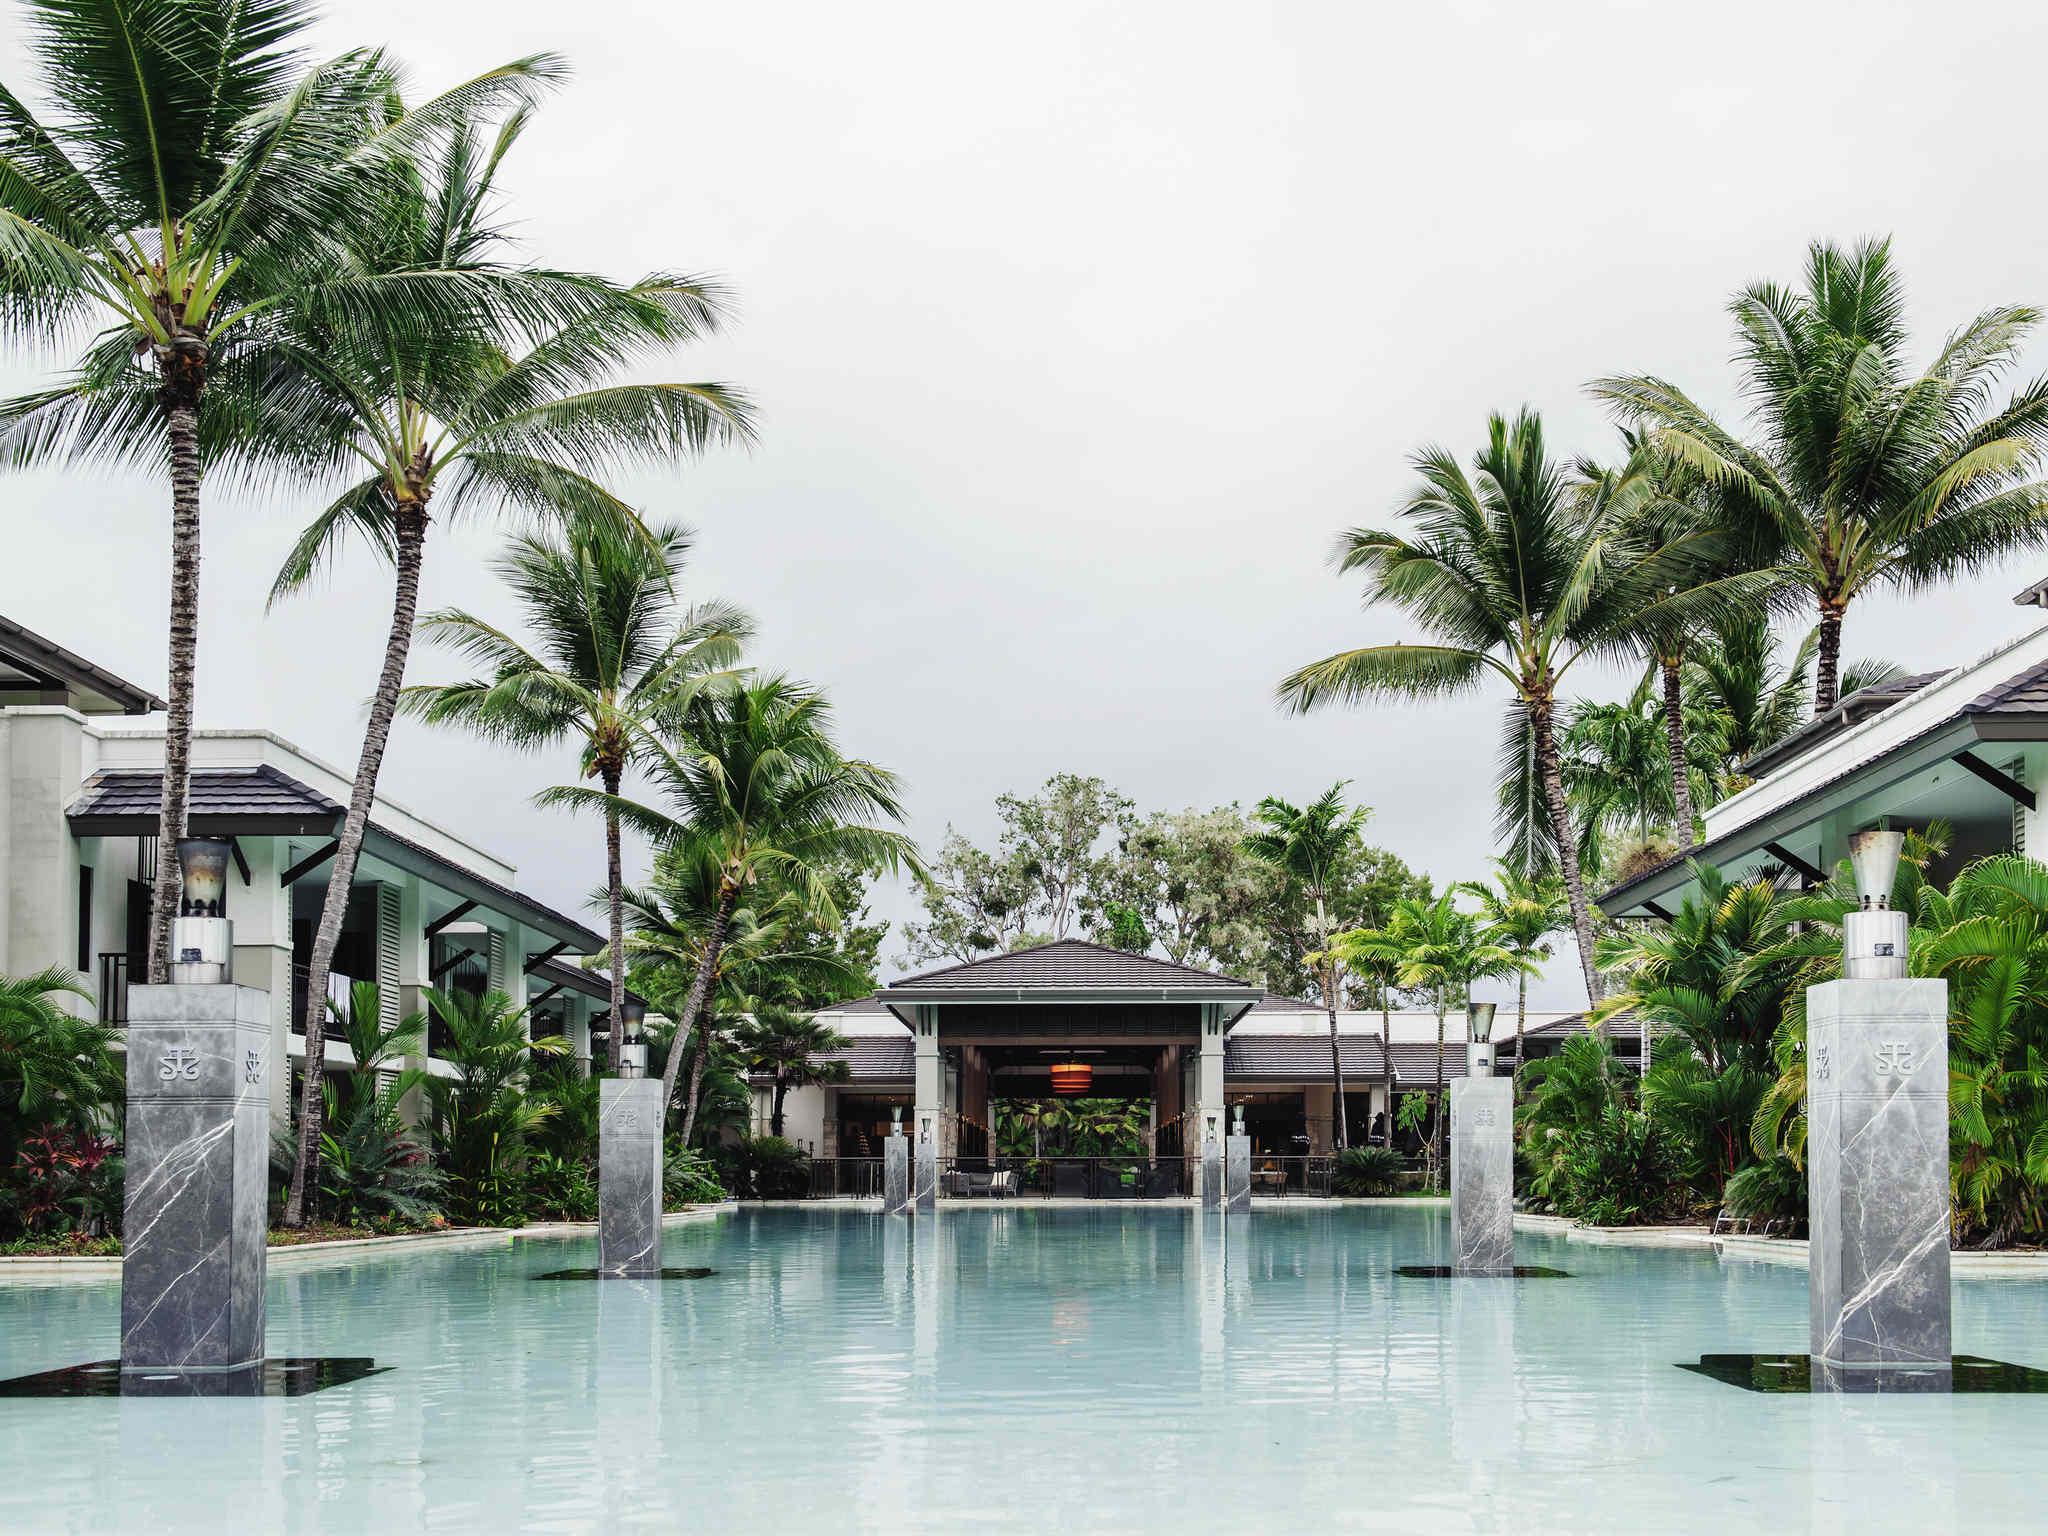 酒店 – 道格拉斯港海神庙铂尔曼水疗度假酒店